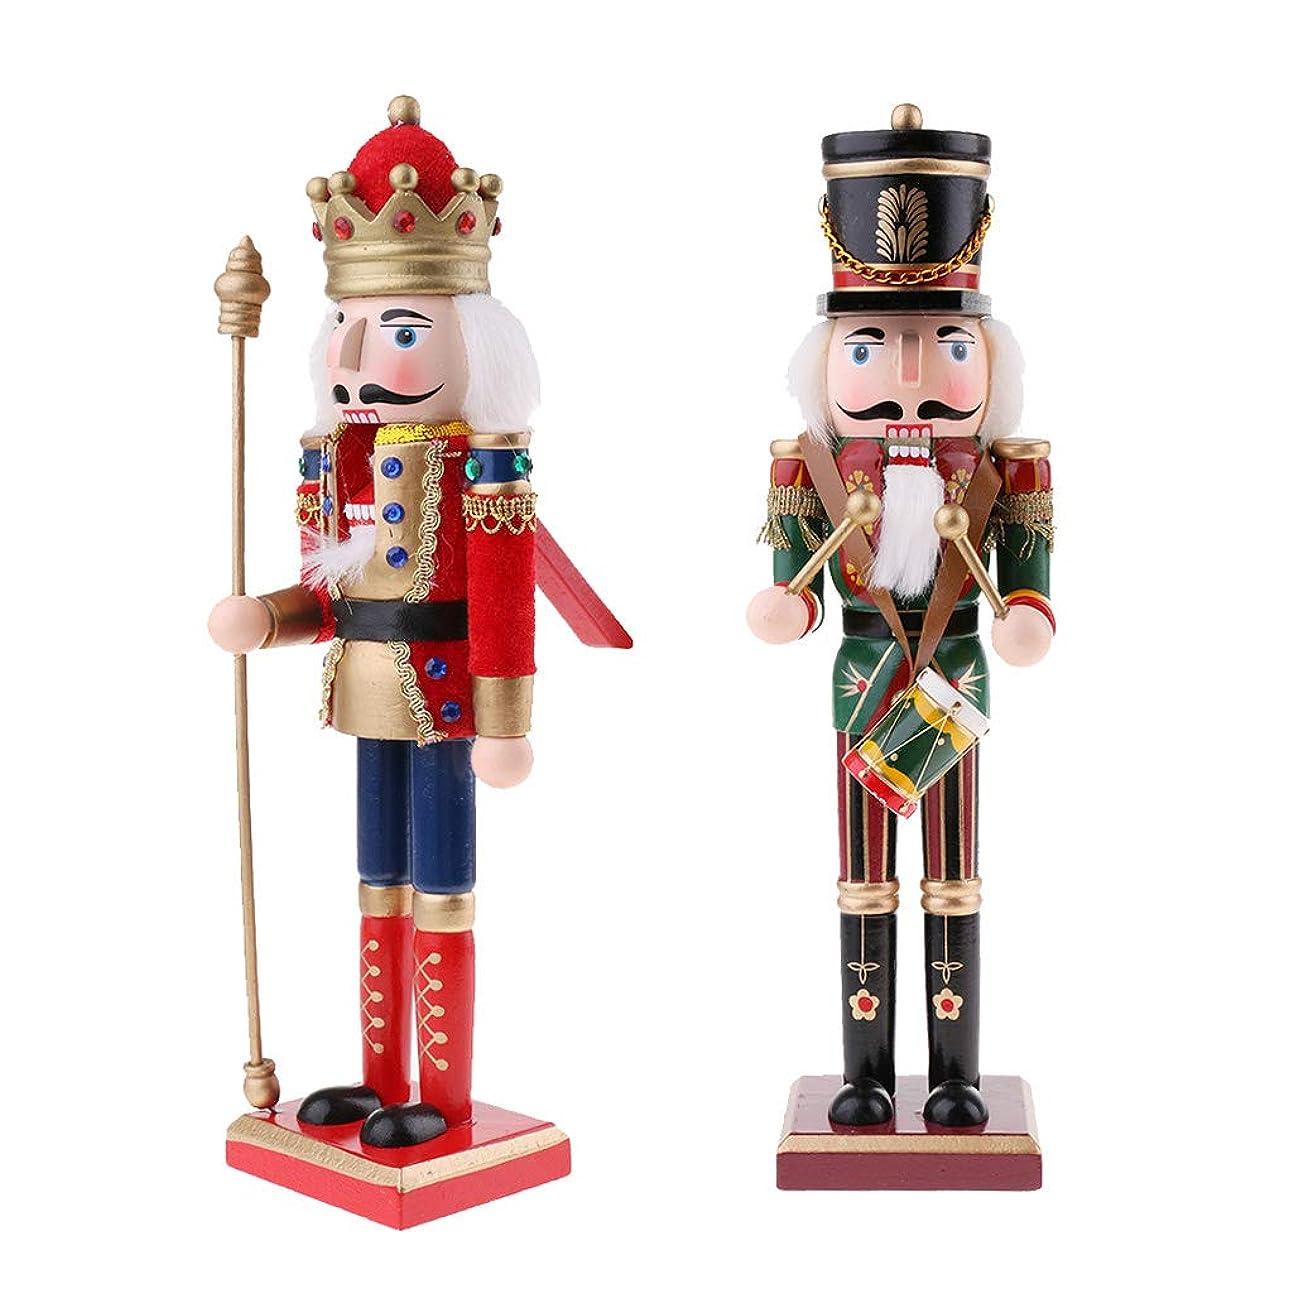 生き物欺く手順くるみ割り人形 置物モデル 人形 人形の家 装飾 30センチメートル 木製